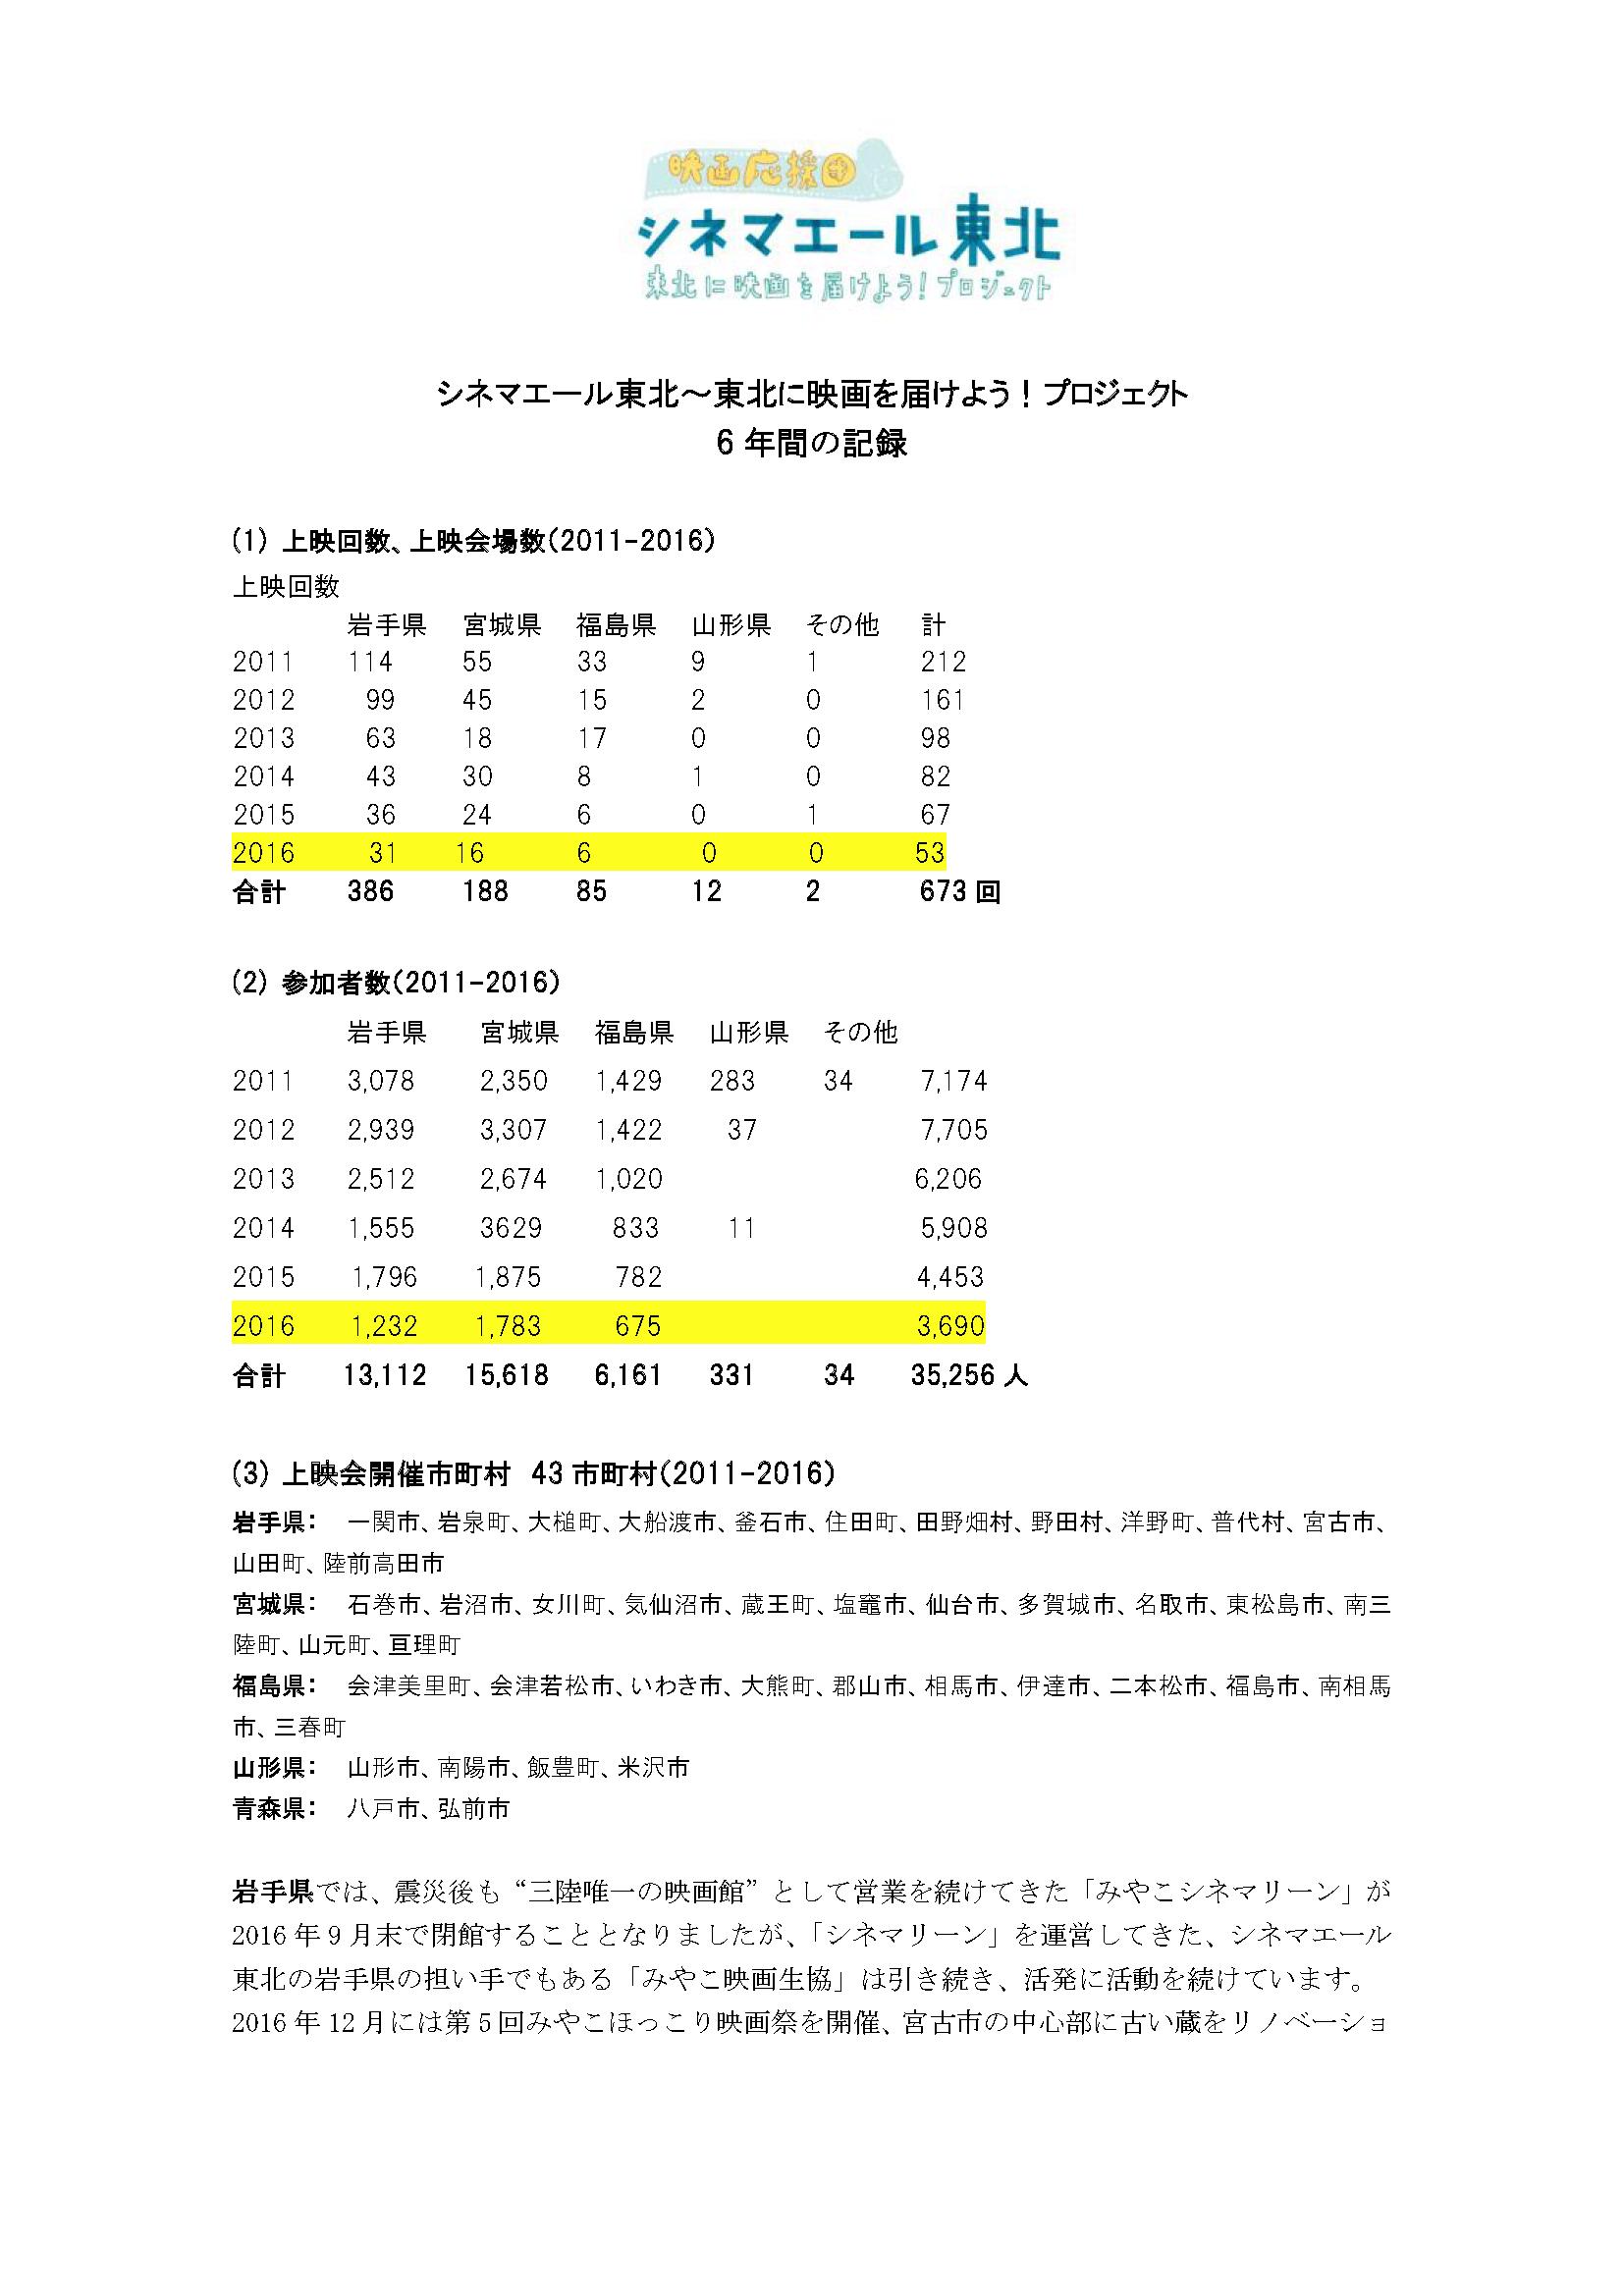 文書名 _シネマエール東北 6年間の記録.png